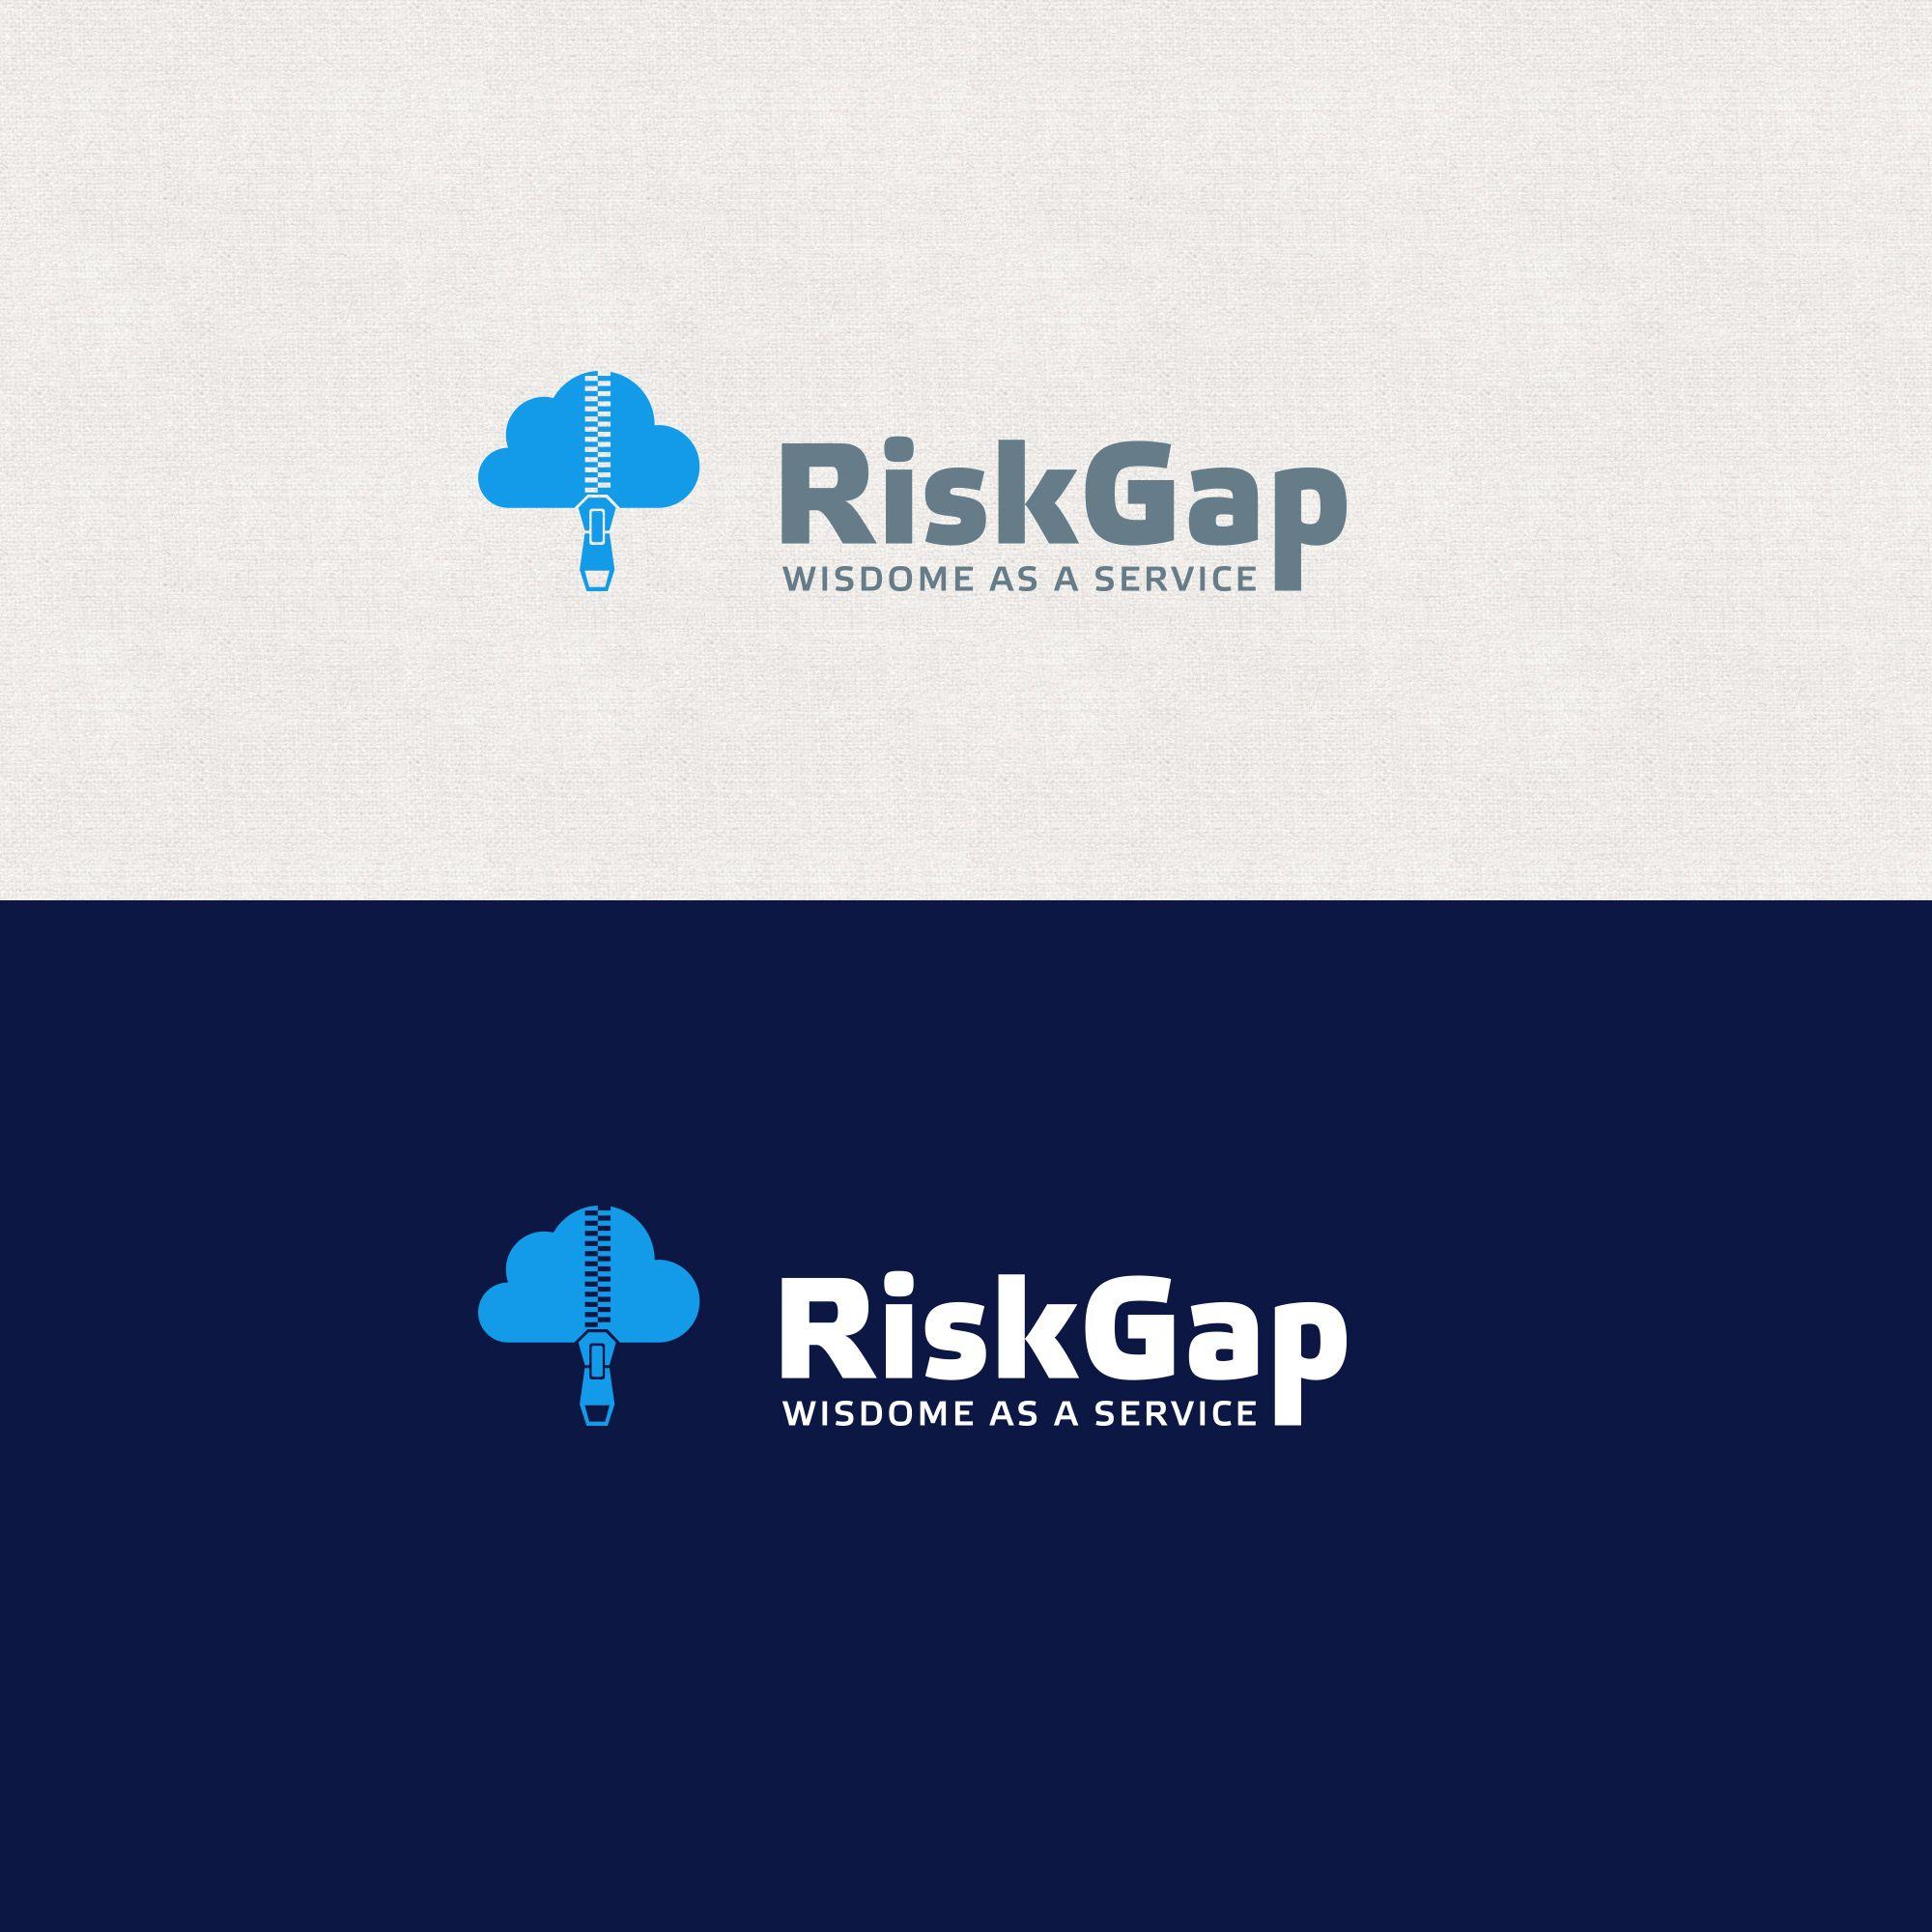 Логотип для веб-сервиса по риск-менеджменту - дизайнер Adrenalinum